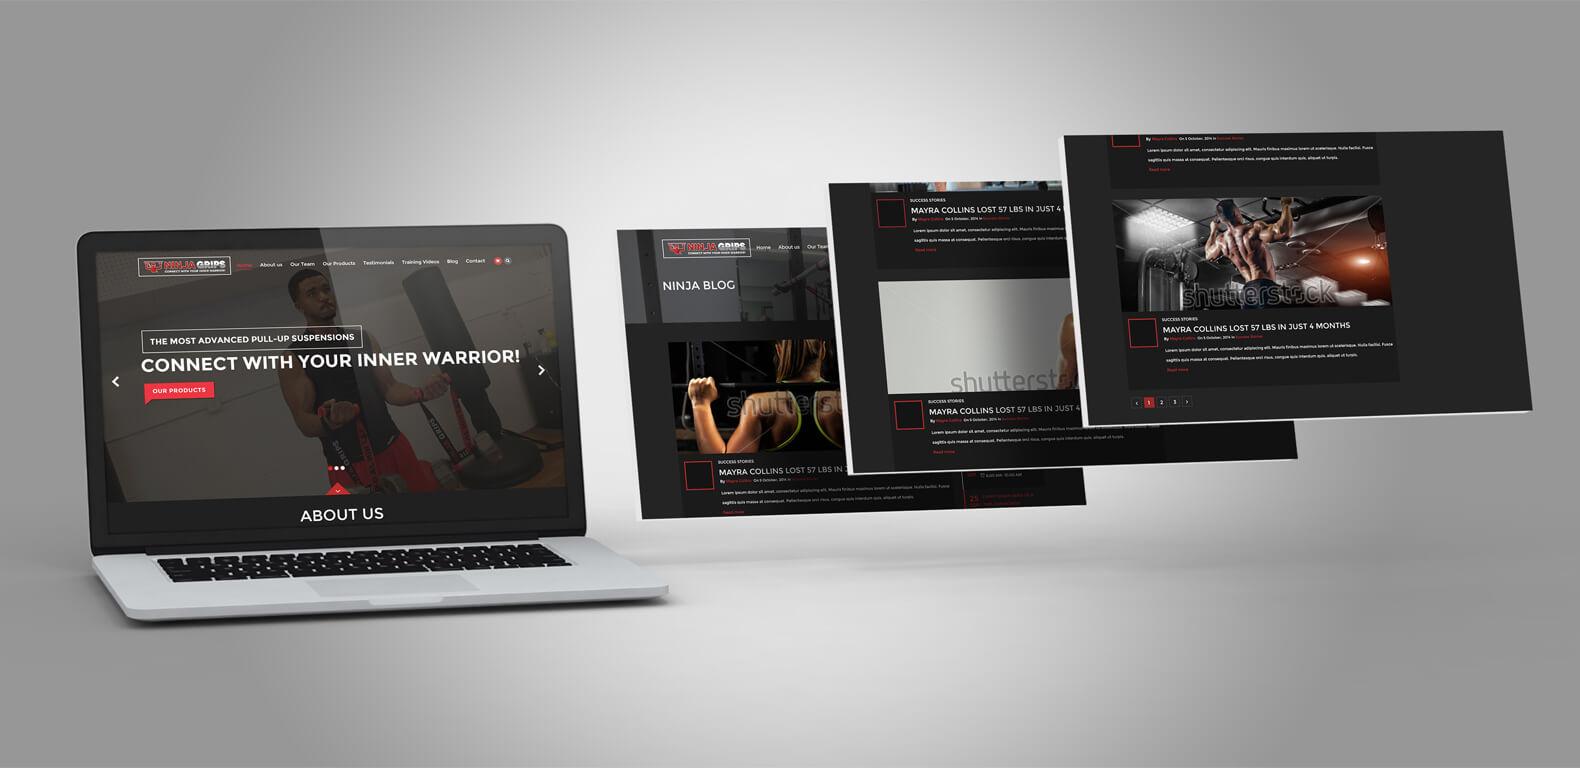 Website-Design-Development-Ninja-360-Grips